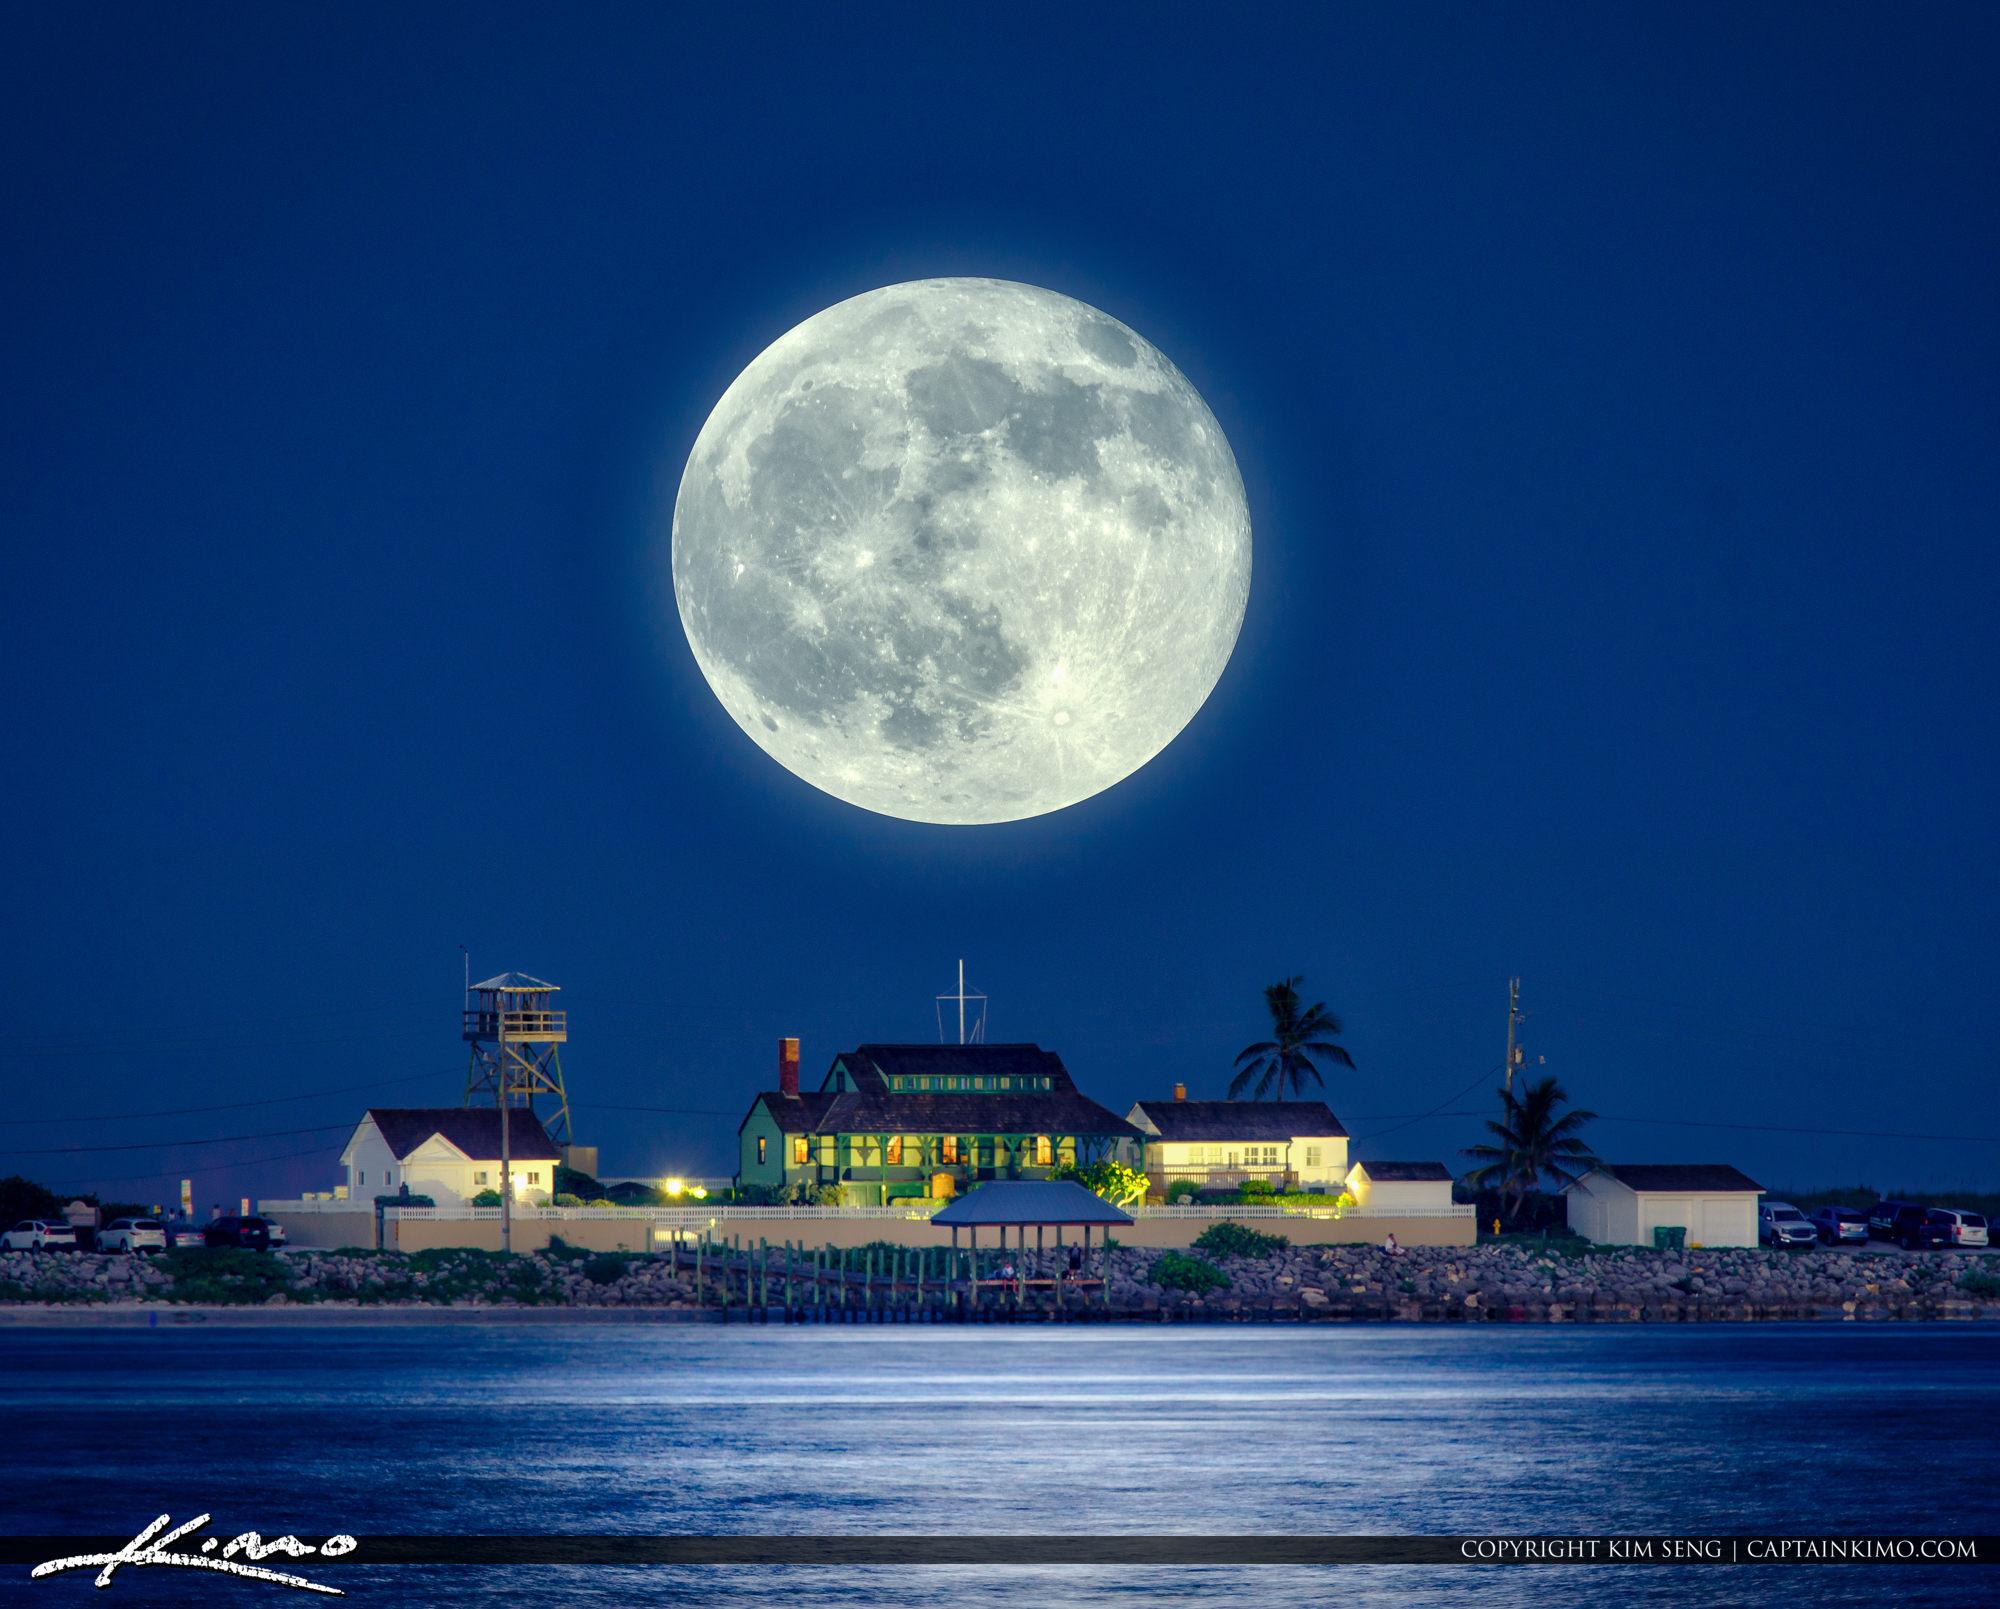 Full Moon Rising Over The House of Refuge Stuart Florida